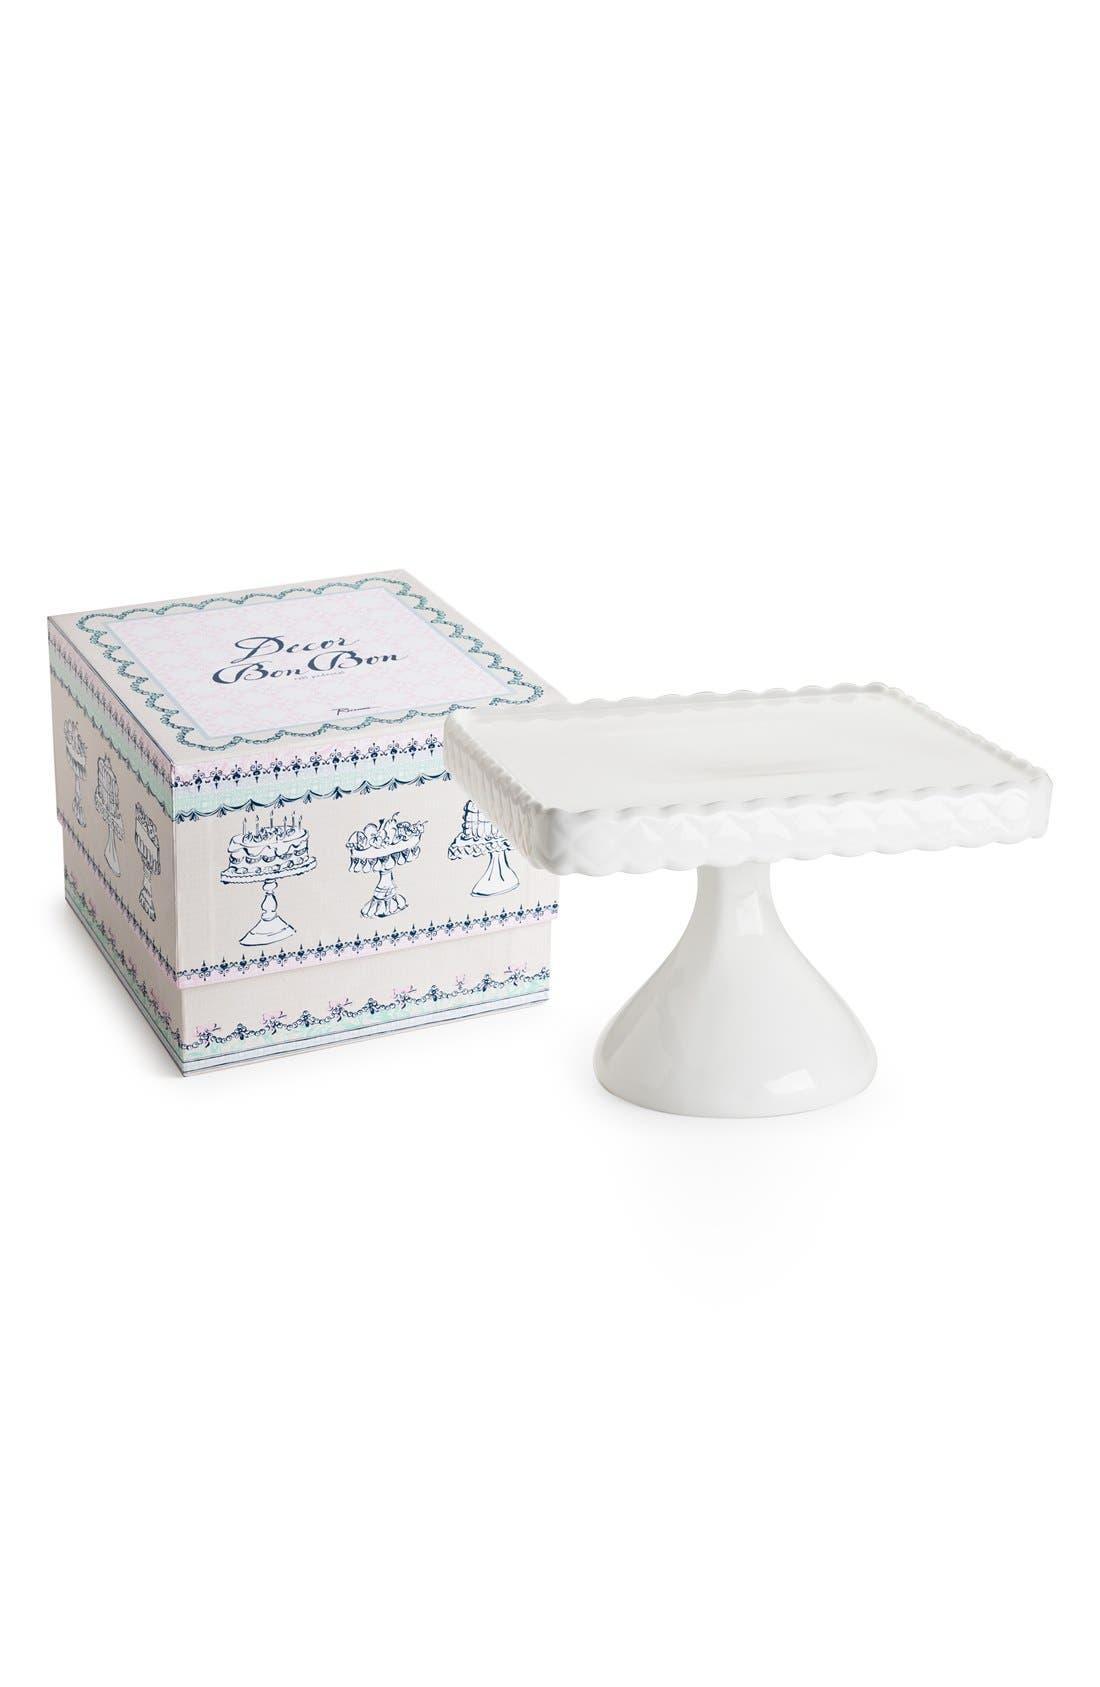 'Décor Bon Bon' Footed Square Cake Stand Pedestal,                             Main thumbnail 1, color,                             100